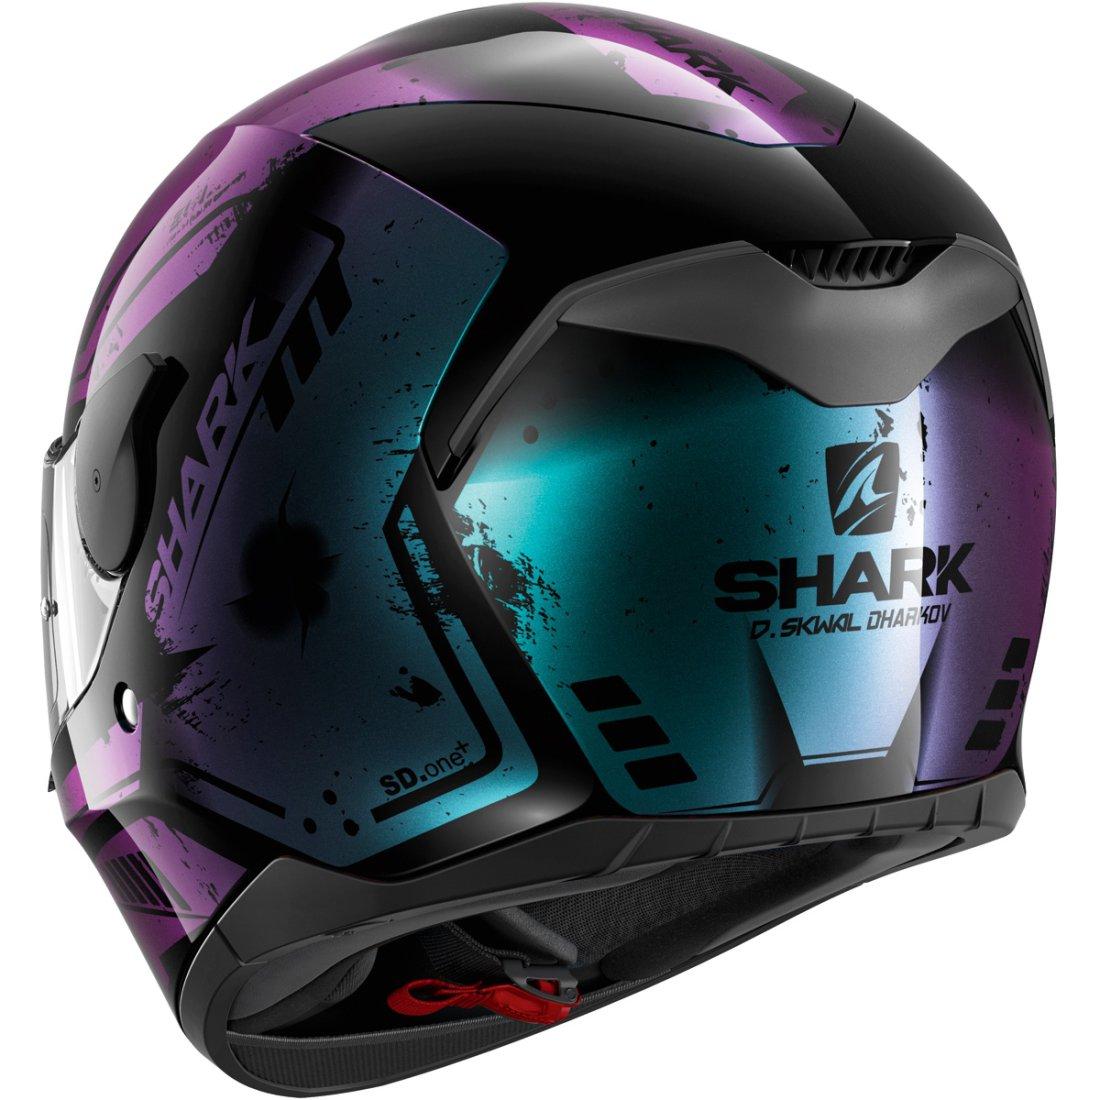 casque shark d skwal dharkov black violet glitter motocard. Black Bedroom Furniture Sets. Home Design Ideas